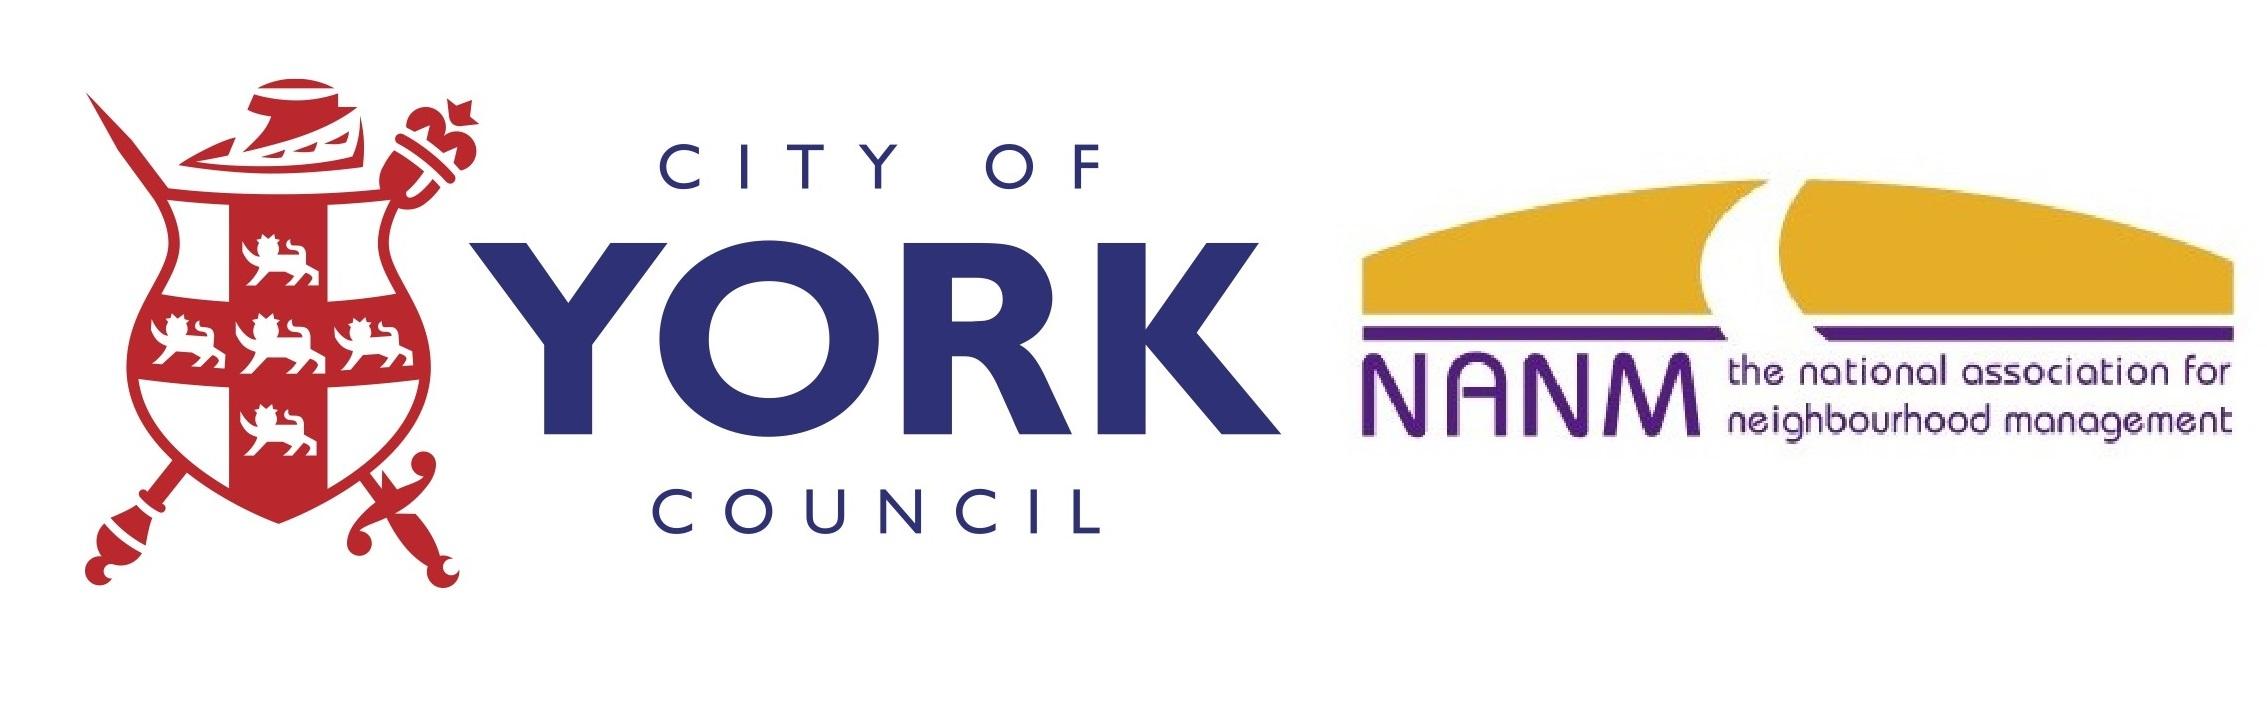 York & NANM Logos